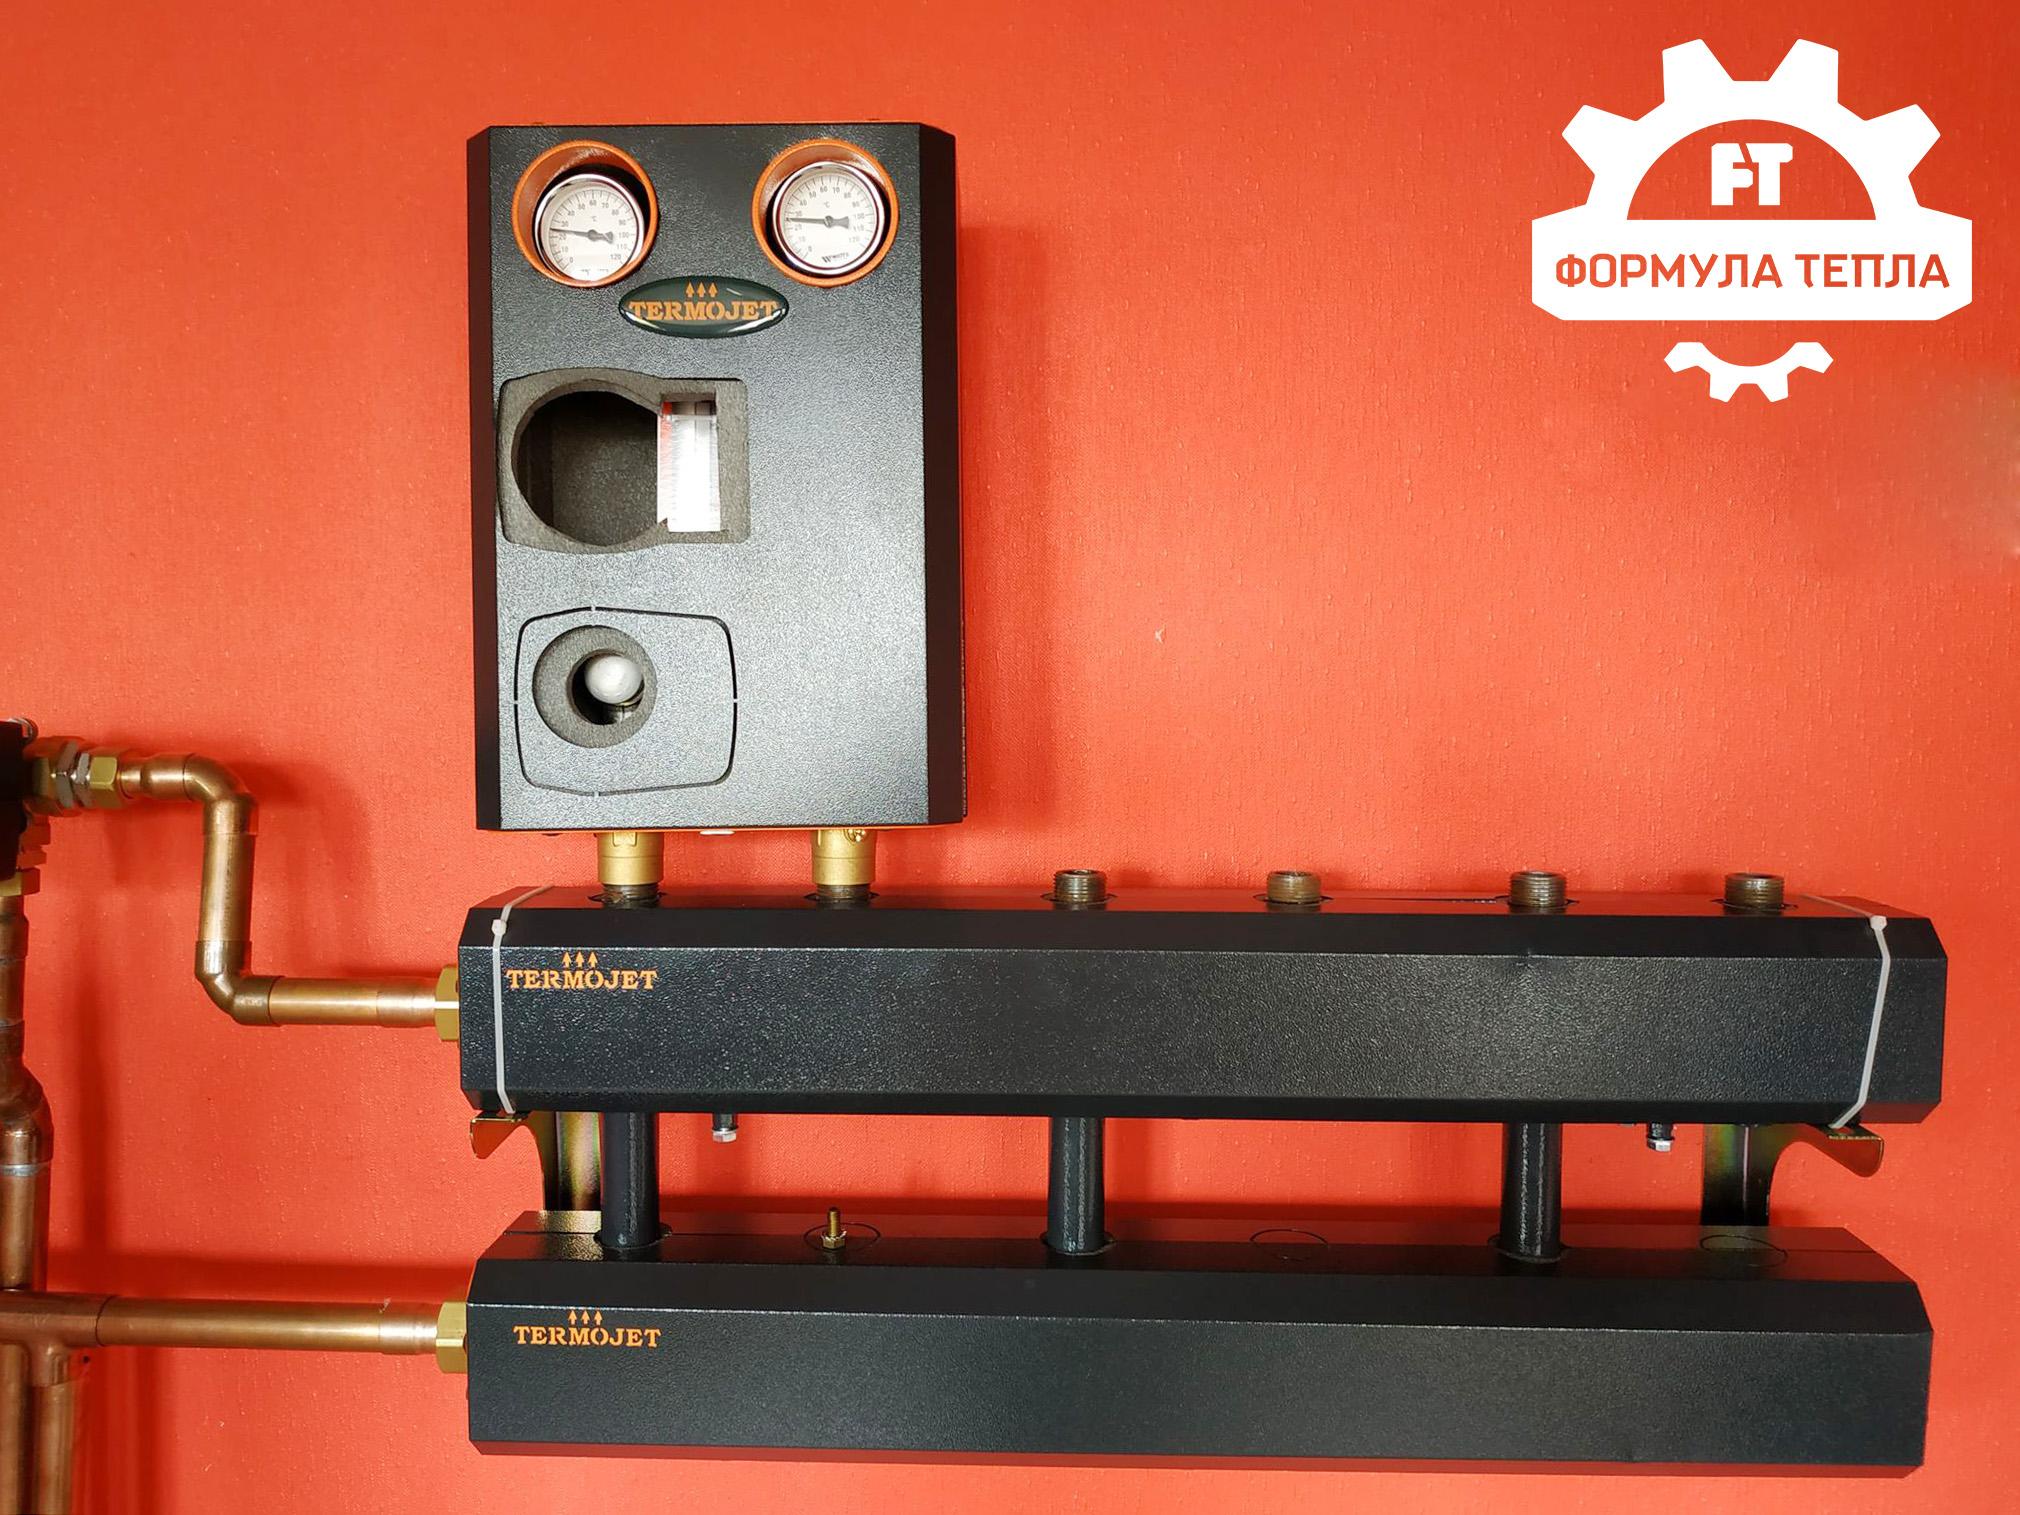 """Труби та фітинг: в інтернет-магазині """"Формула тепла"""" доступне обладнання для котелень «Termojet»"""